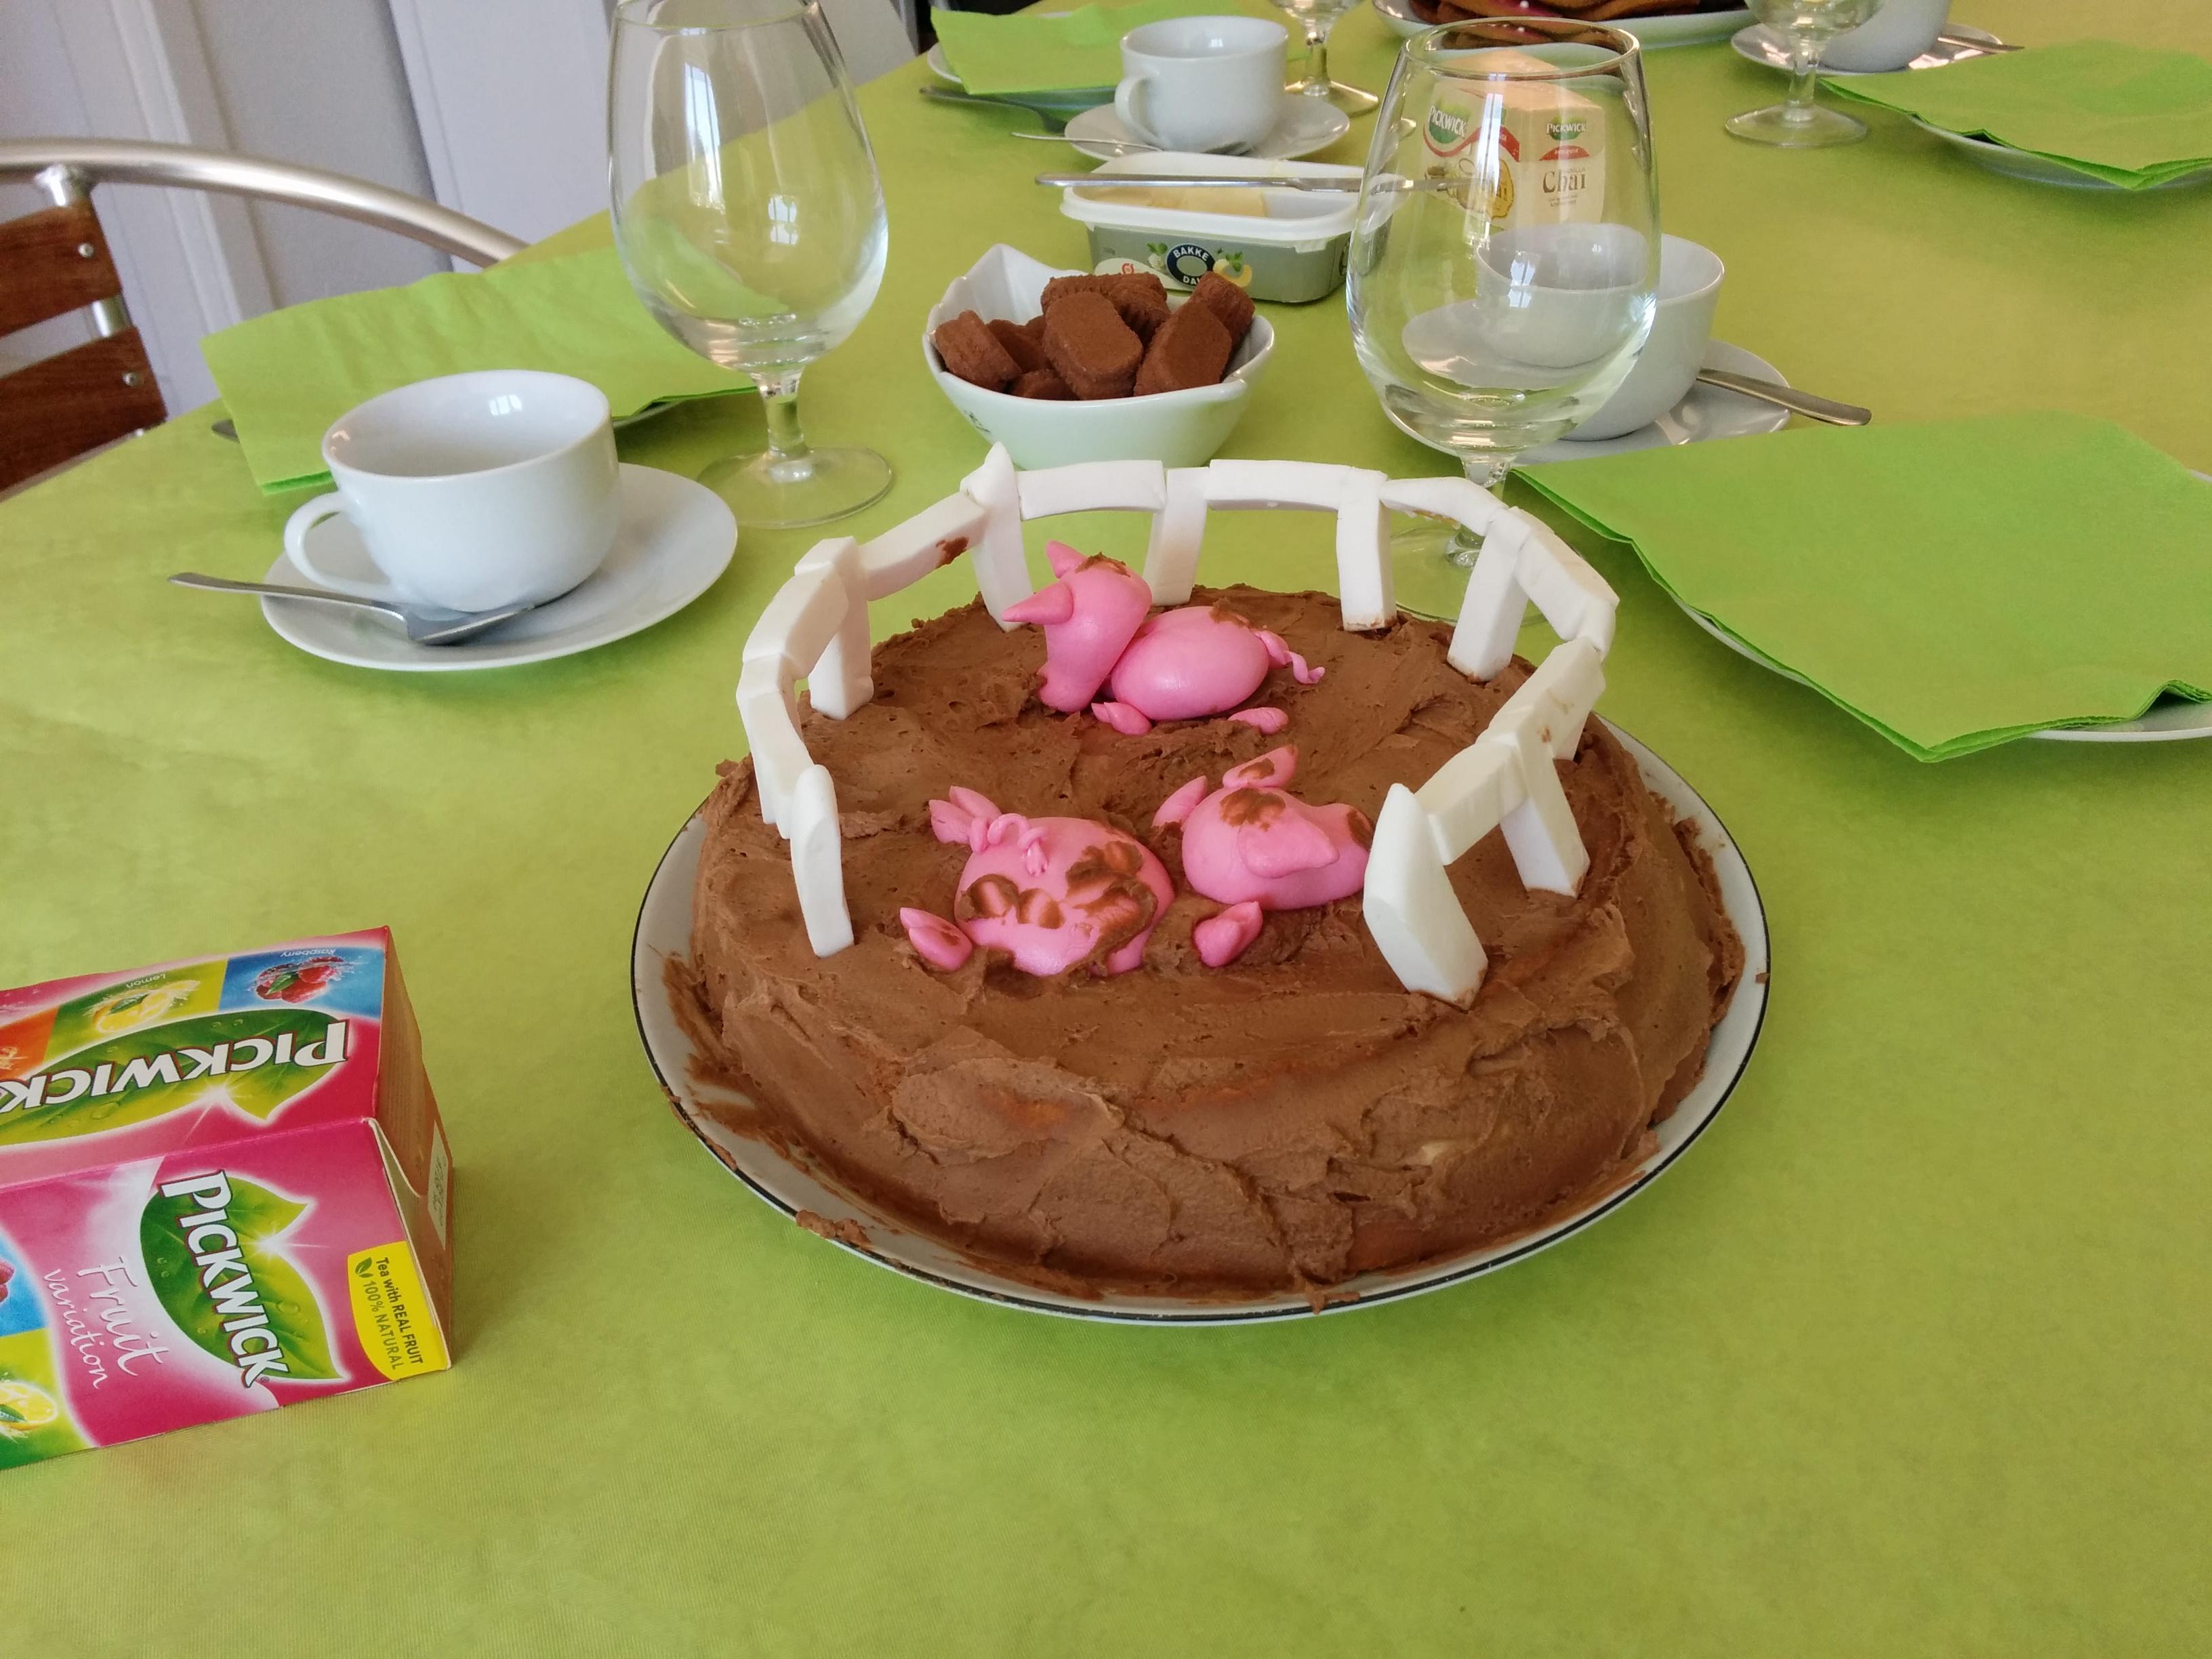 Dette er den ene af lagkagerne jeg lavede. Det er en banan/chokoladecreame lagkage.